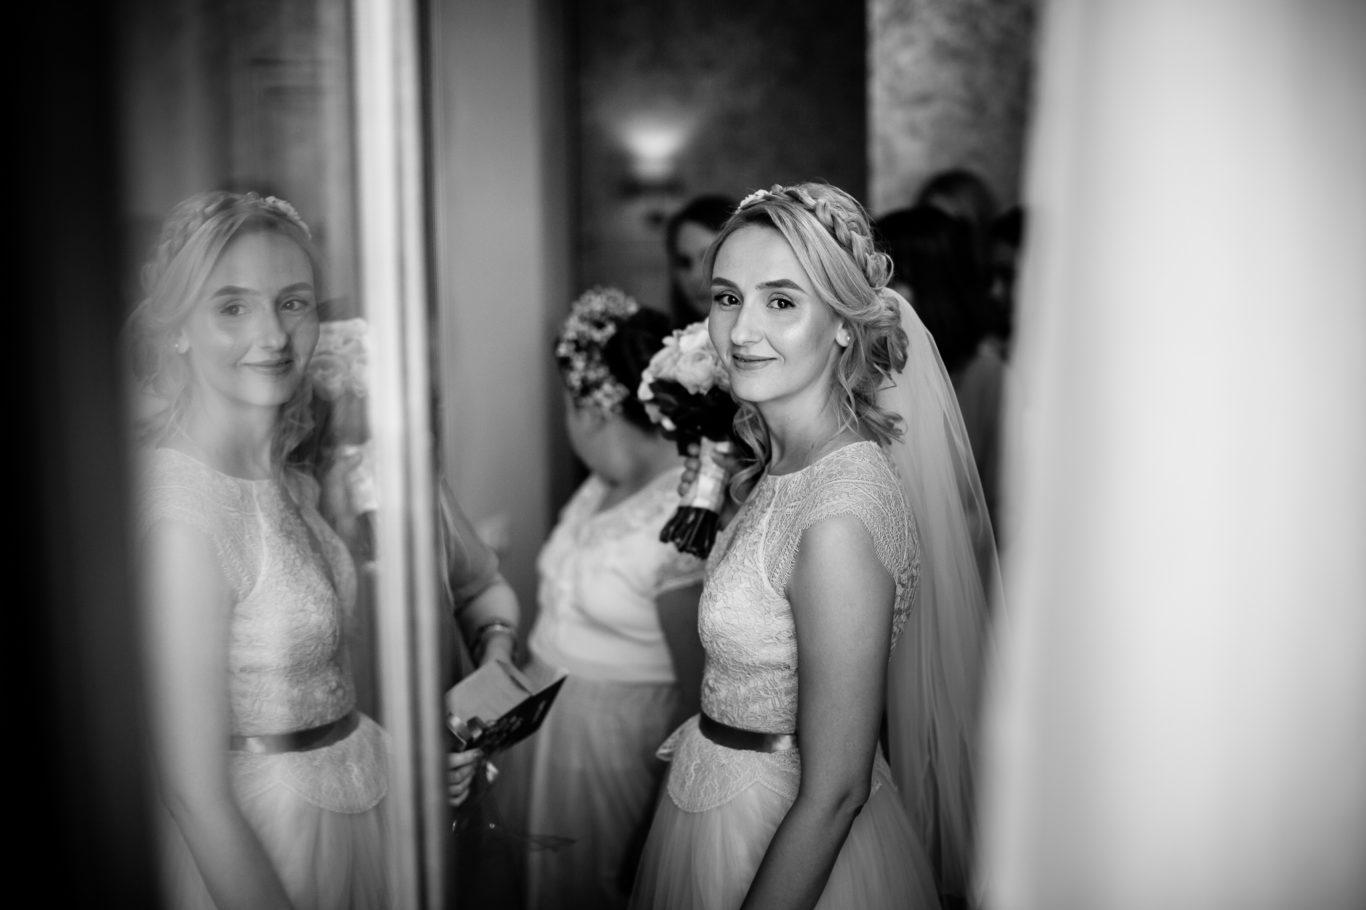 0294-Fotografie-nunta-Mirela-Iulian-fotograf-Ciprian-Dumitrescu-DCF_6848